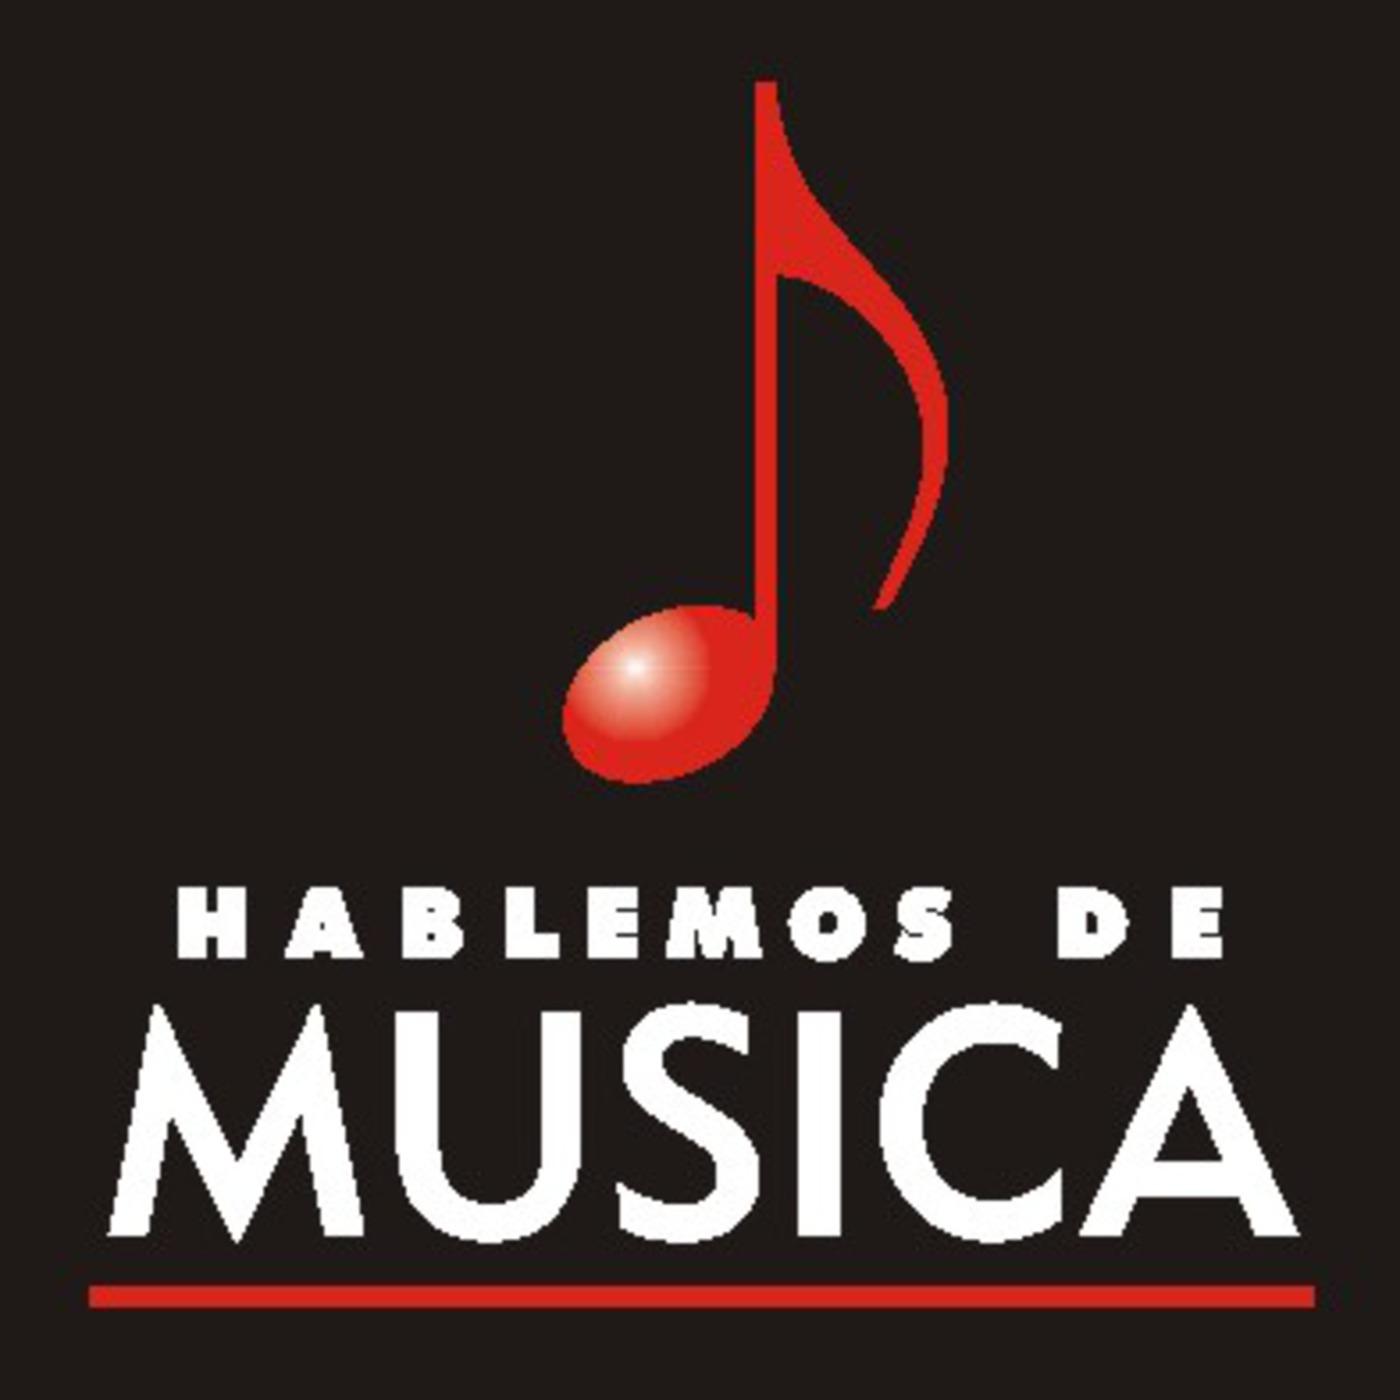 Hablemos de Musica - El Podcast